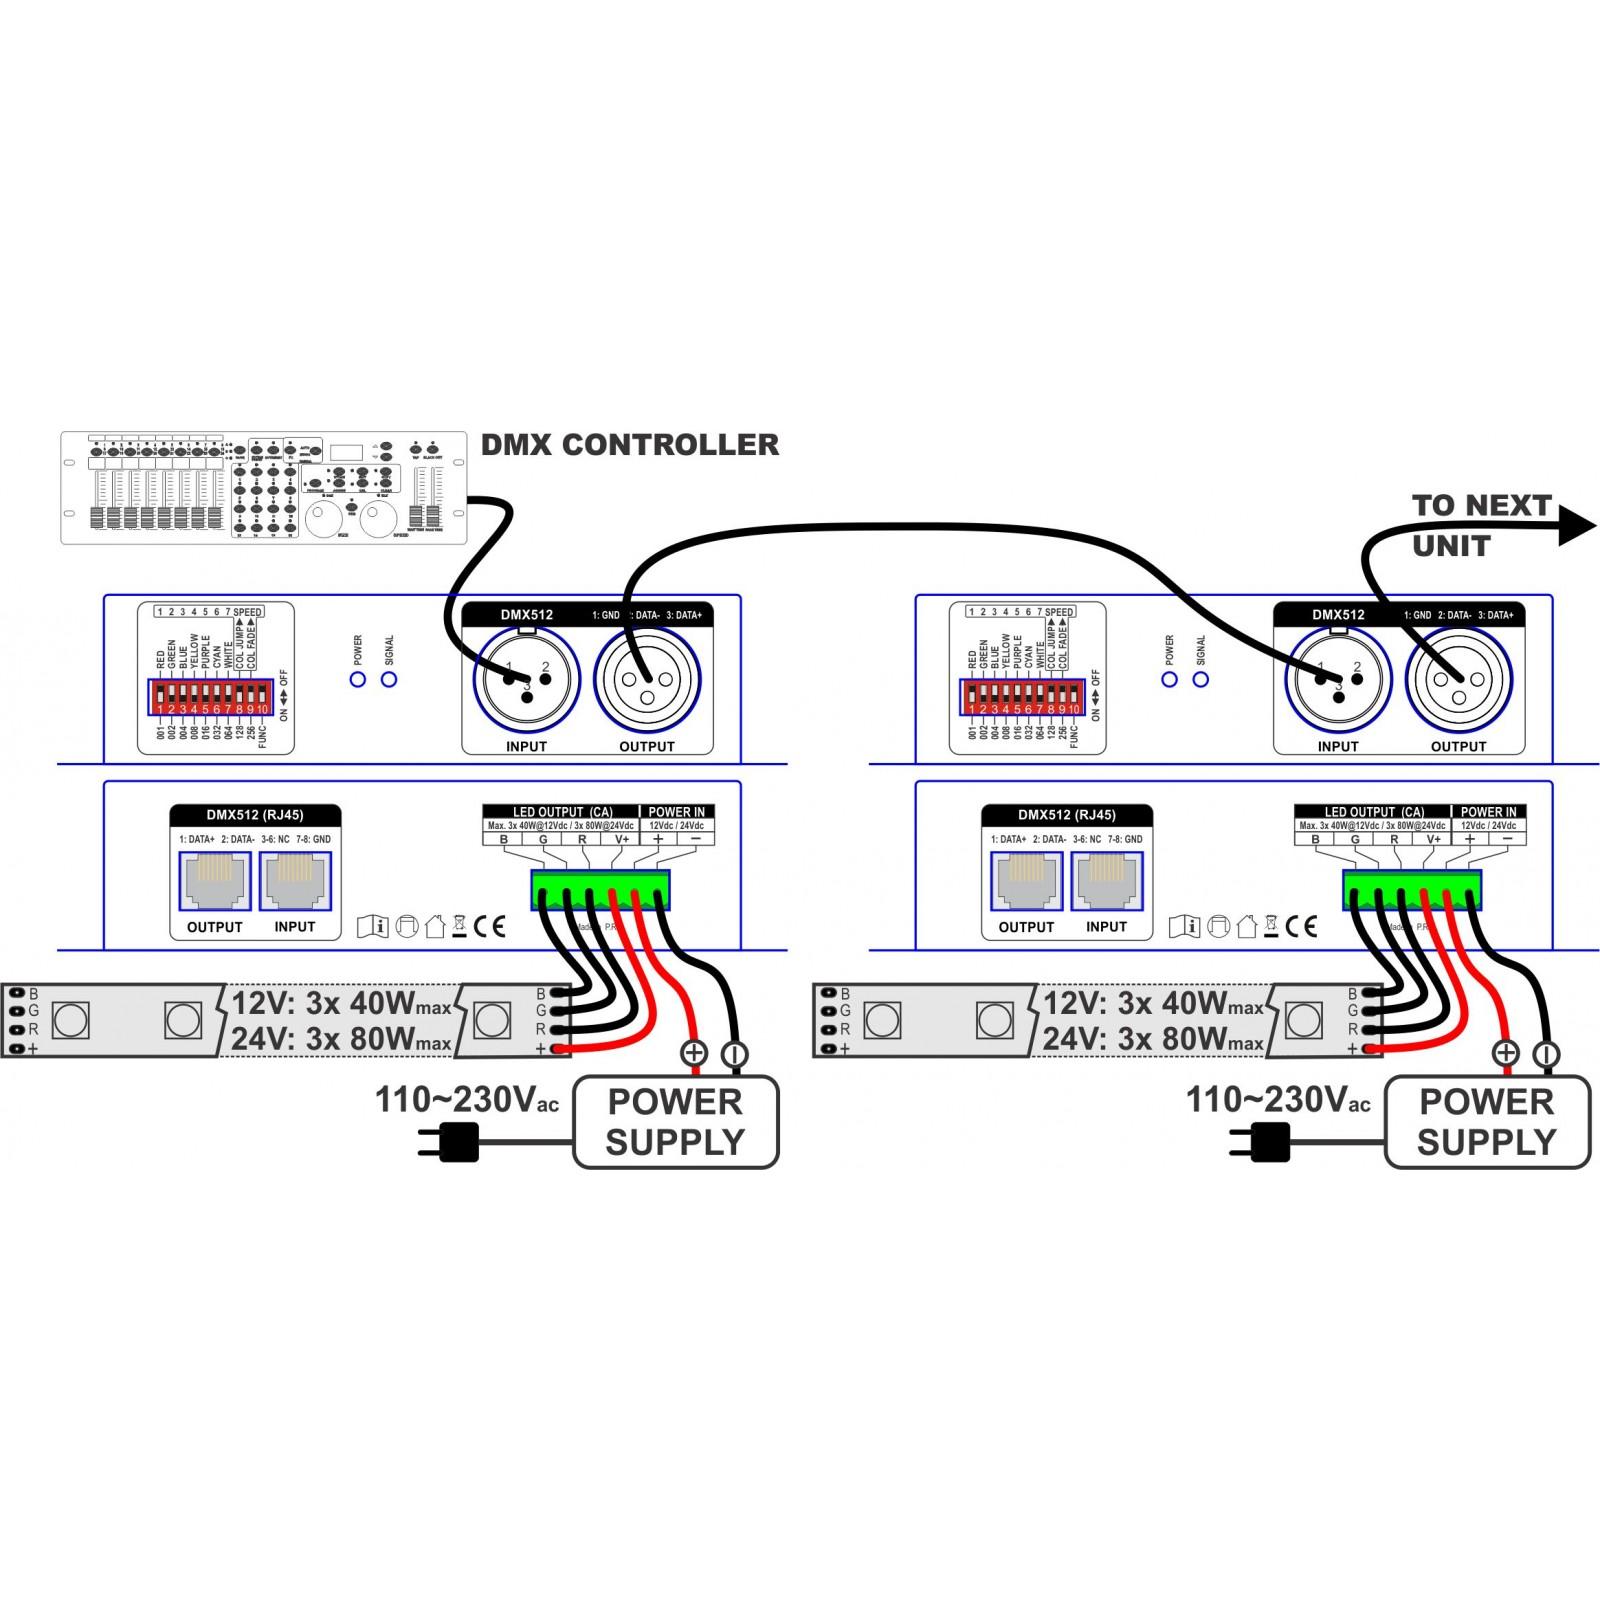 hight resolution of b1 led dmx control xlr